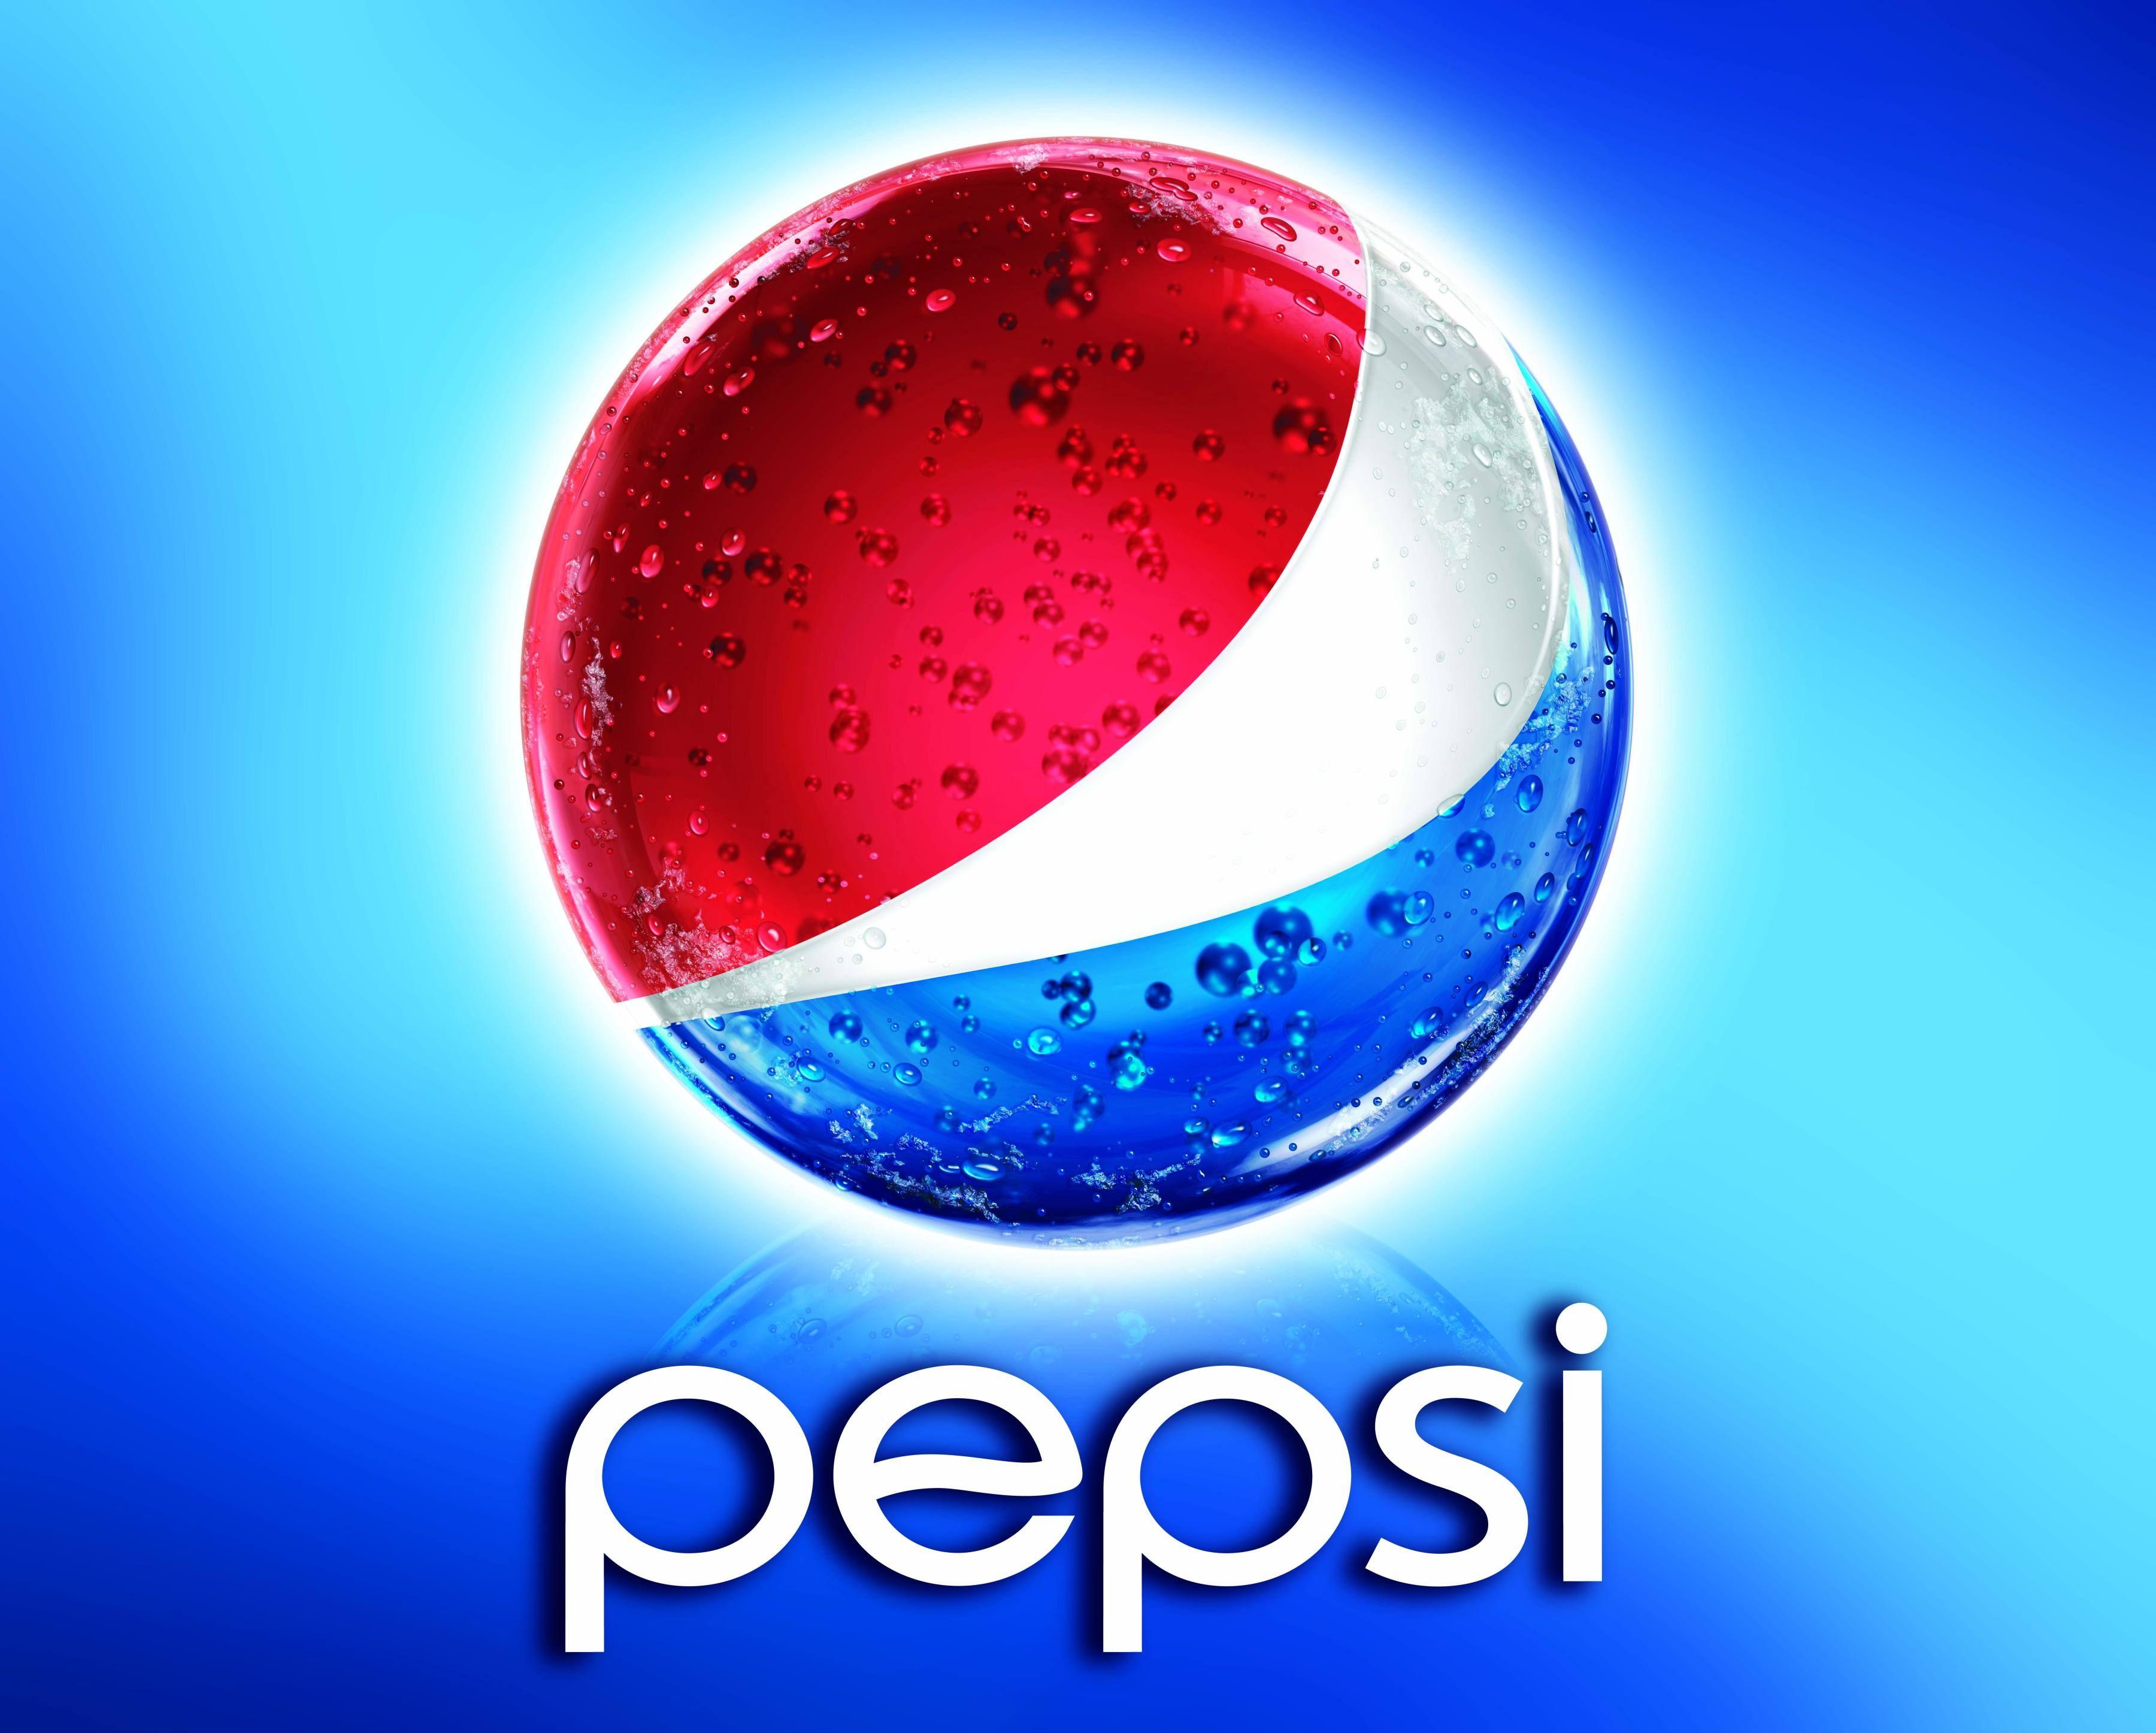 Diet pepsi logo 2014